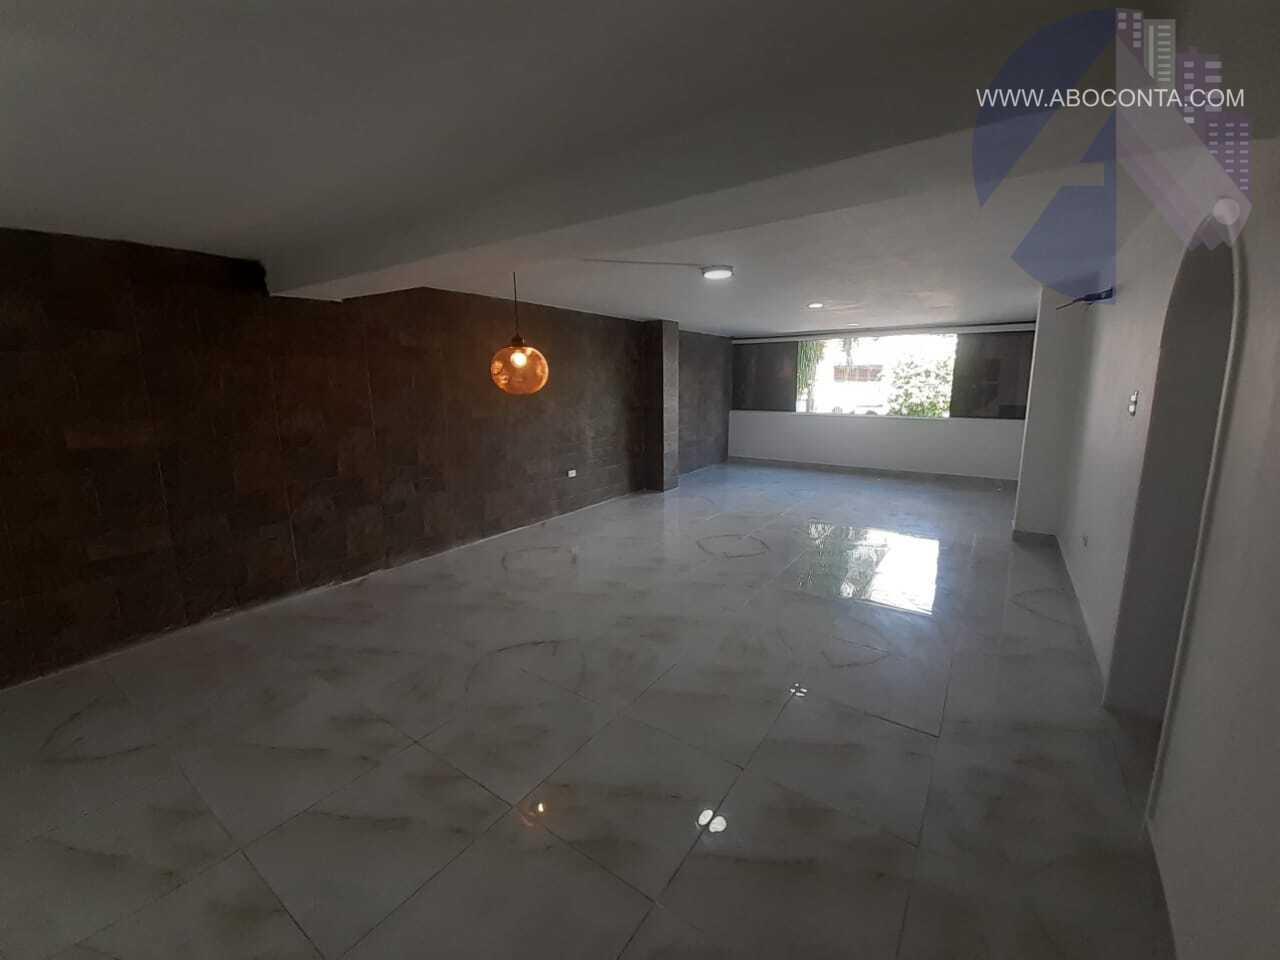 Apartamento en zona residencial de Bocagrande